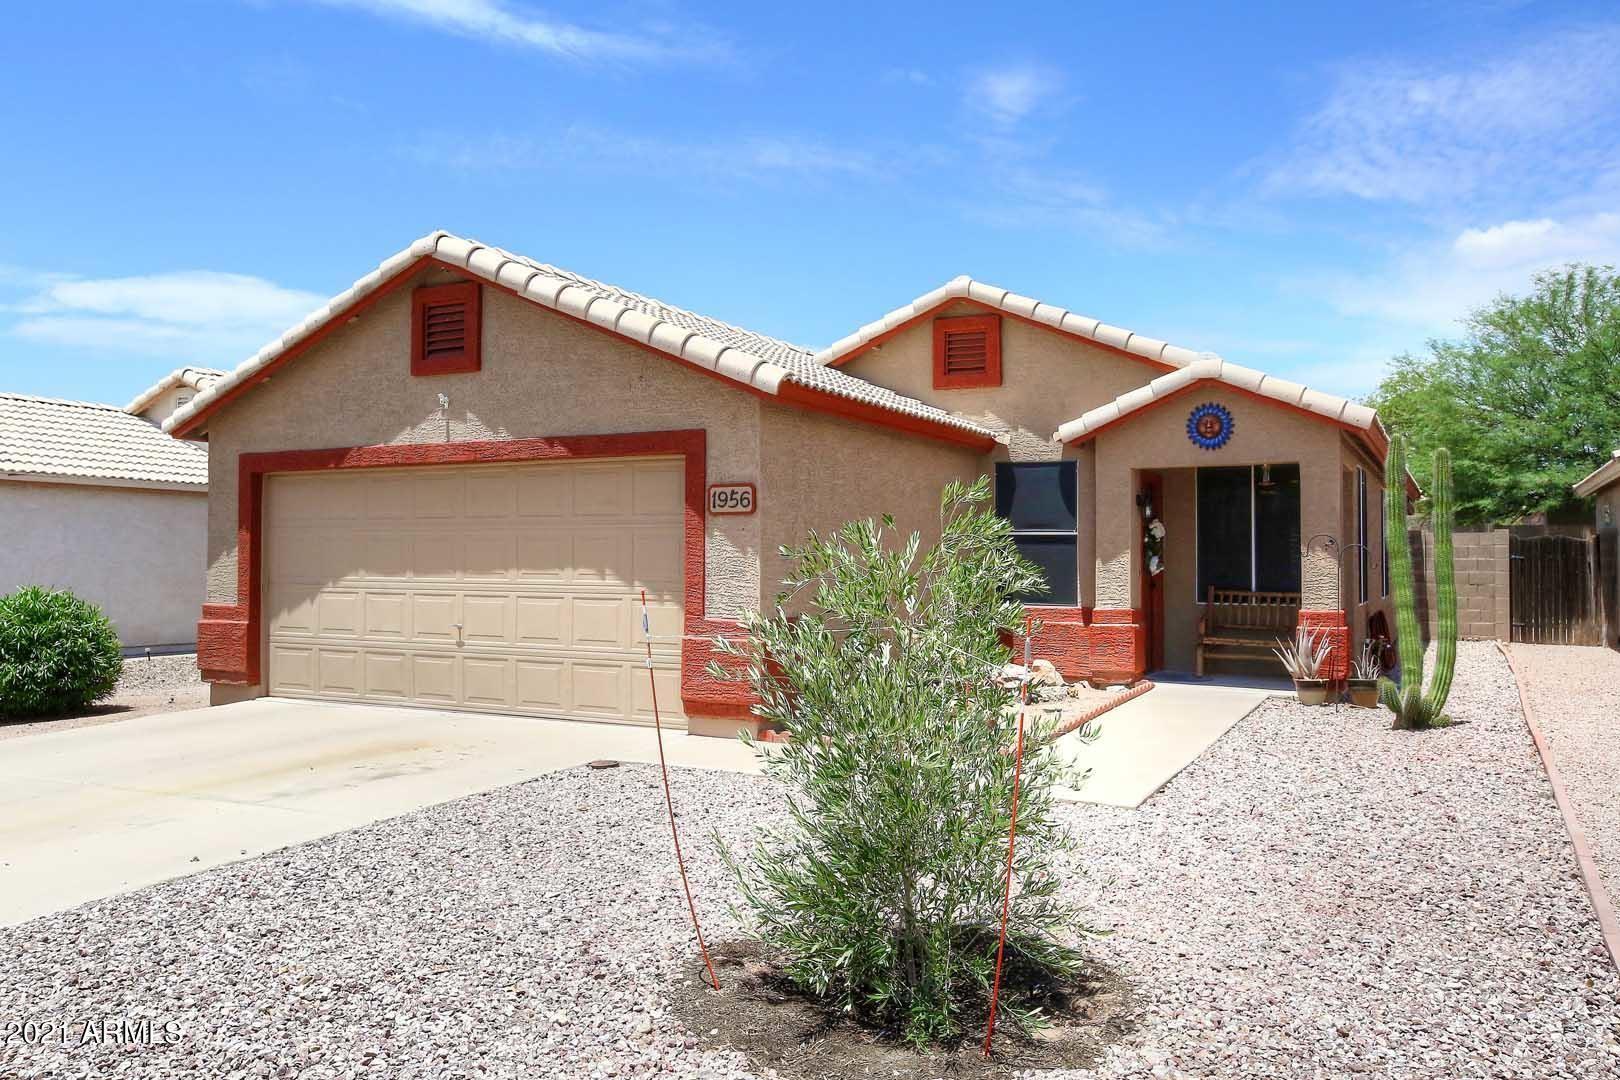 Photo of 1956 W 21St Avenue, Apache Junction, AZ 85120 (MLS # 6267626)